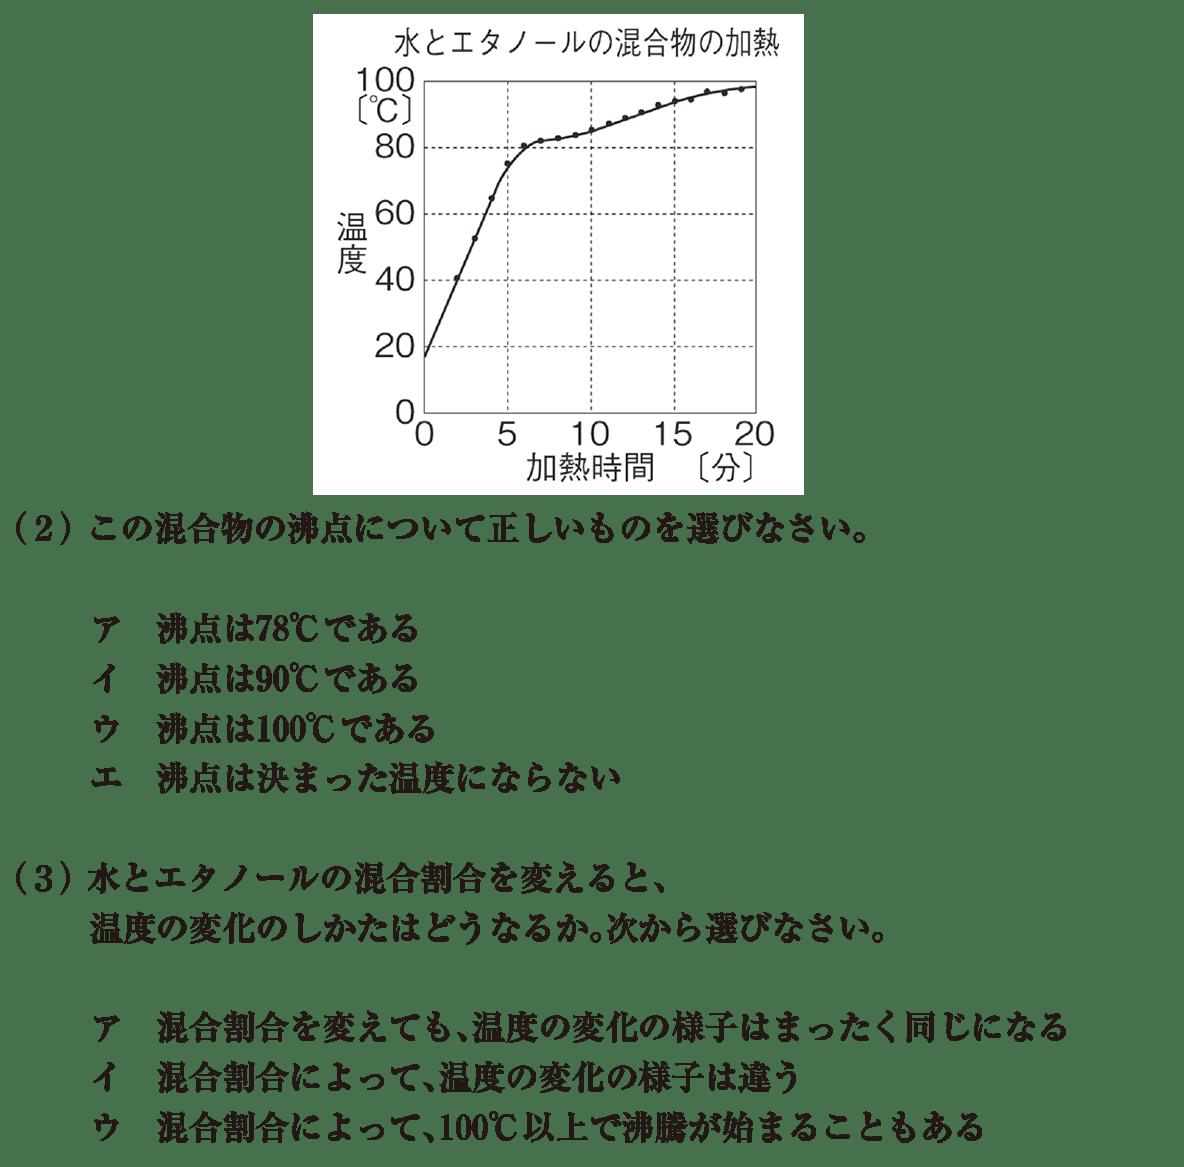 中1 理科化学19 練習1 (2)(3)、答えなし